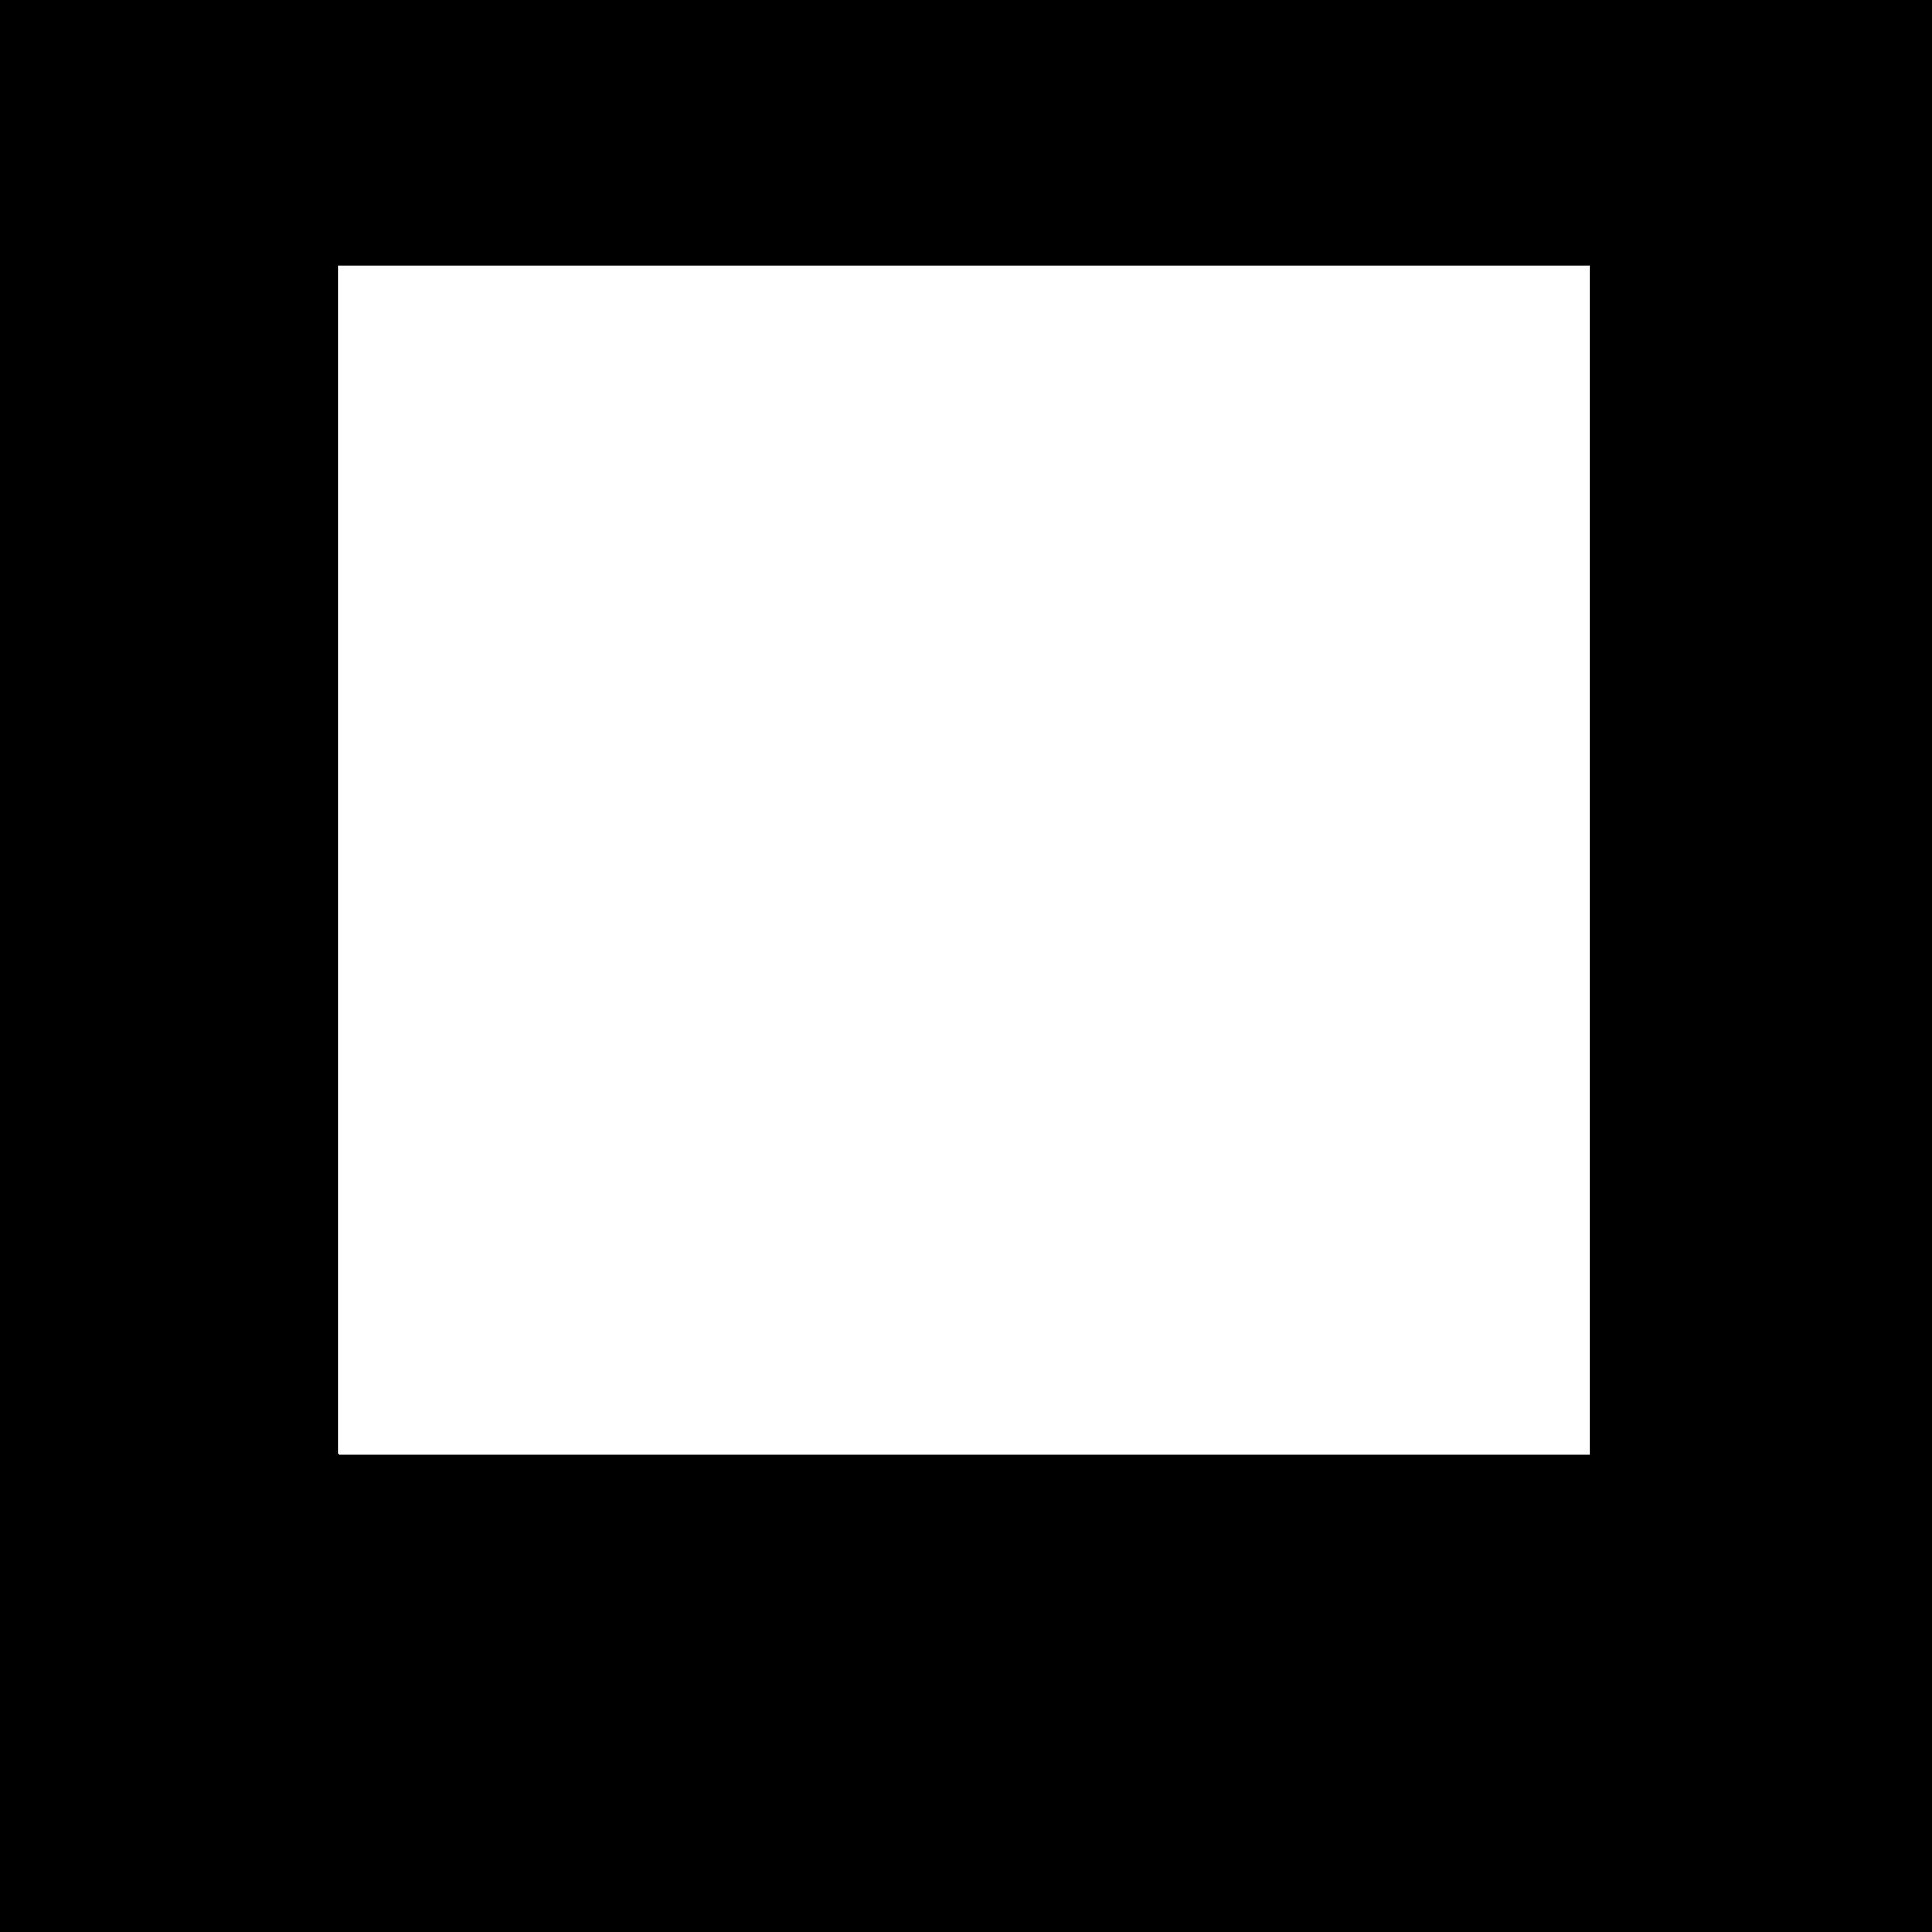 تستهلك قمح بريق The North Face Logo Transparent Gallatinbreastfeedingcoalition Org